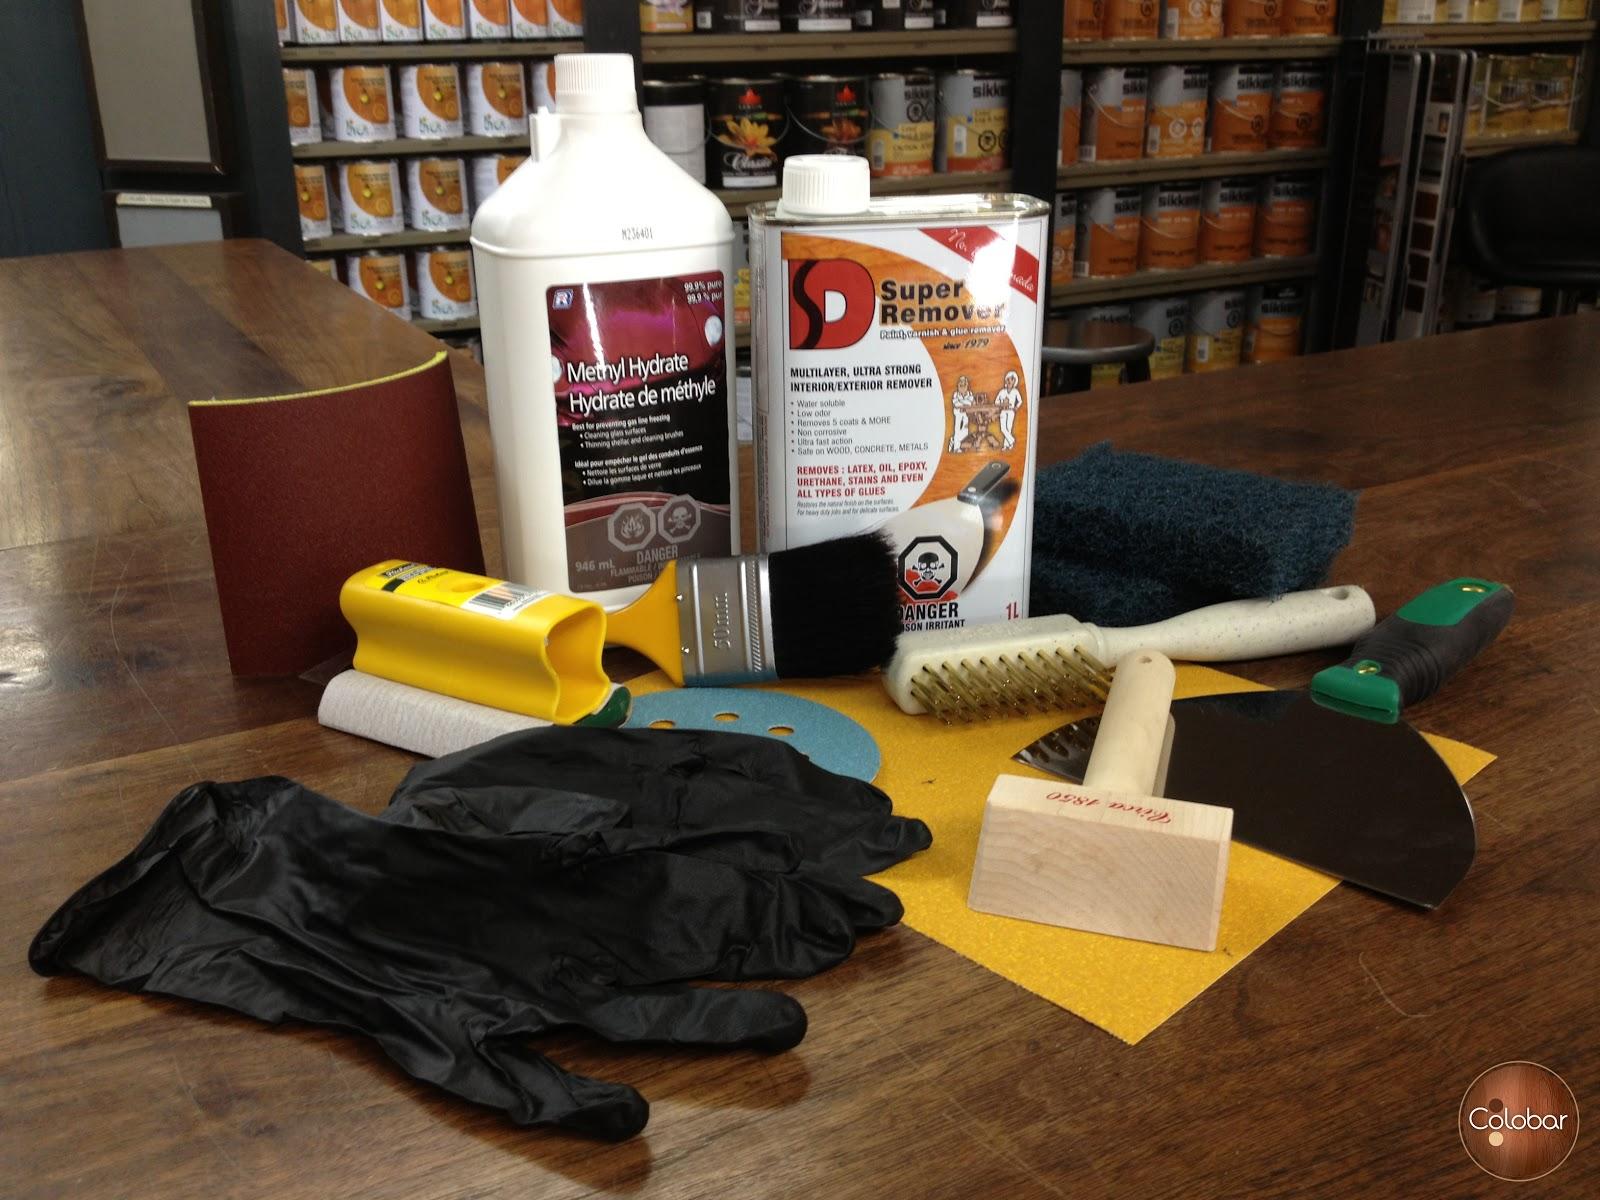 Colobar peinture et d coration comment d caper des for Decaper un meuble en bois